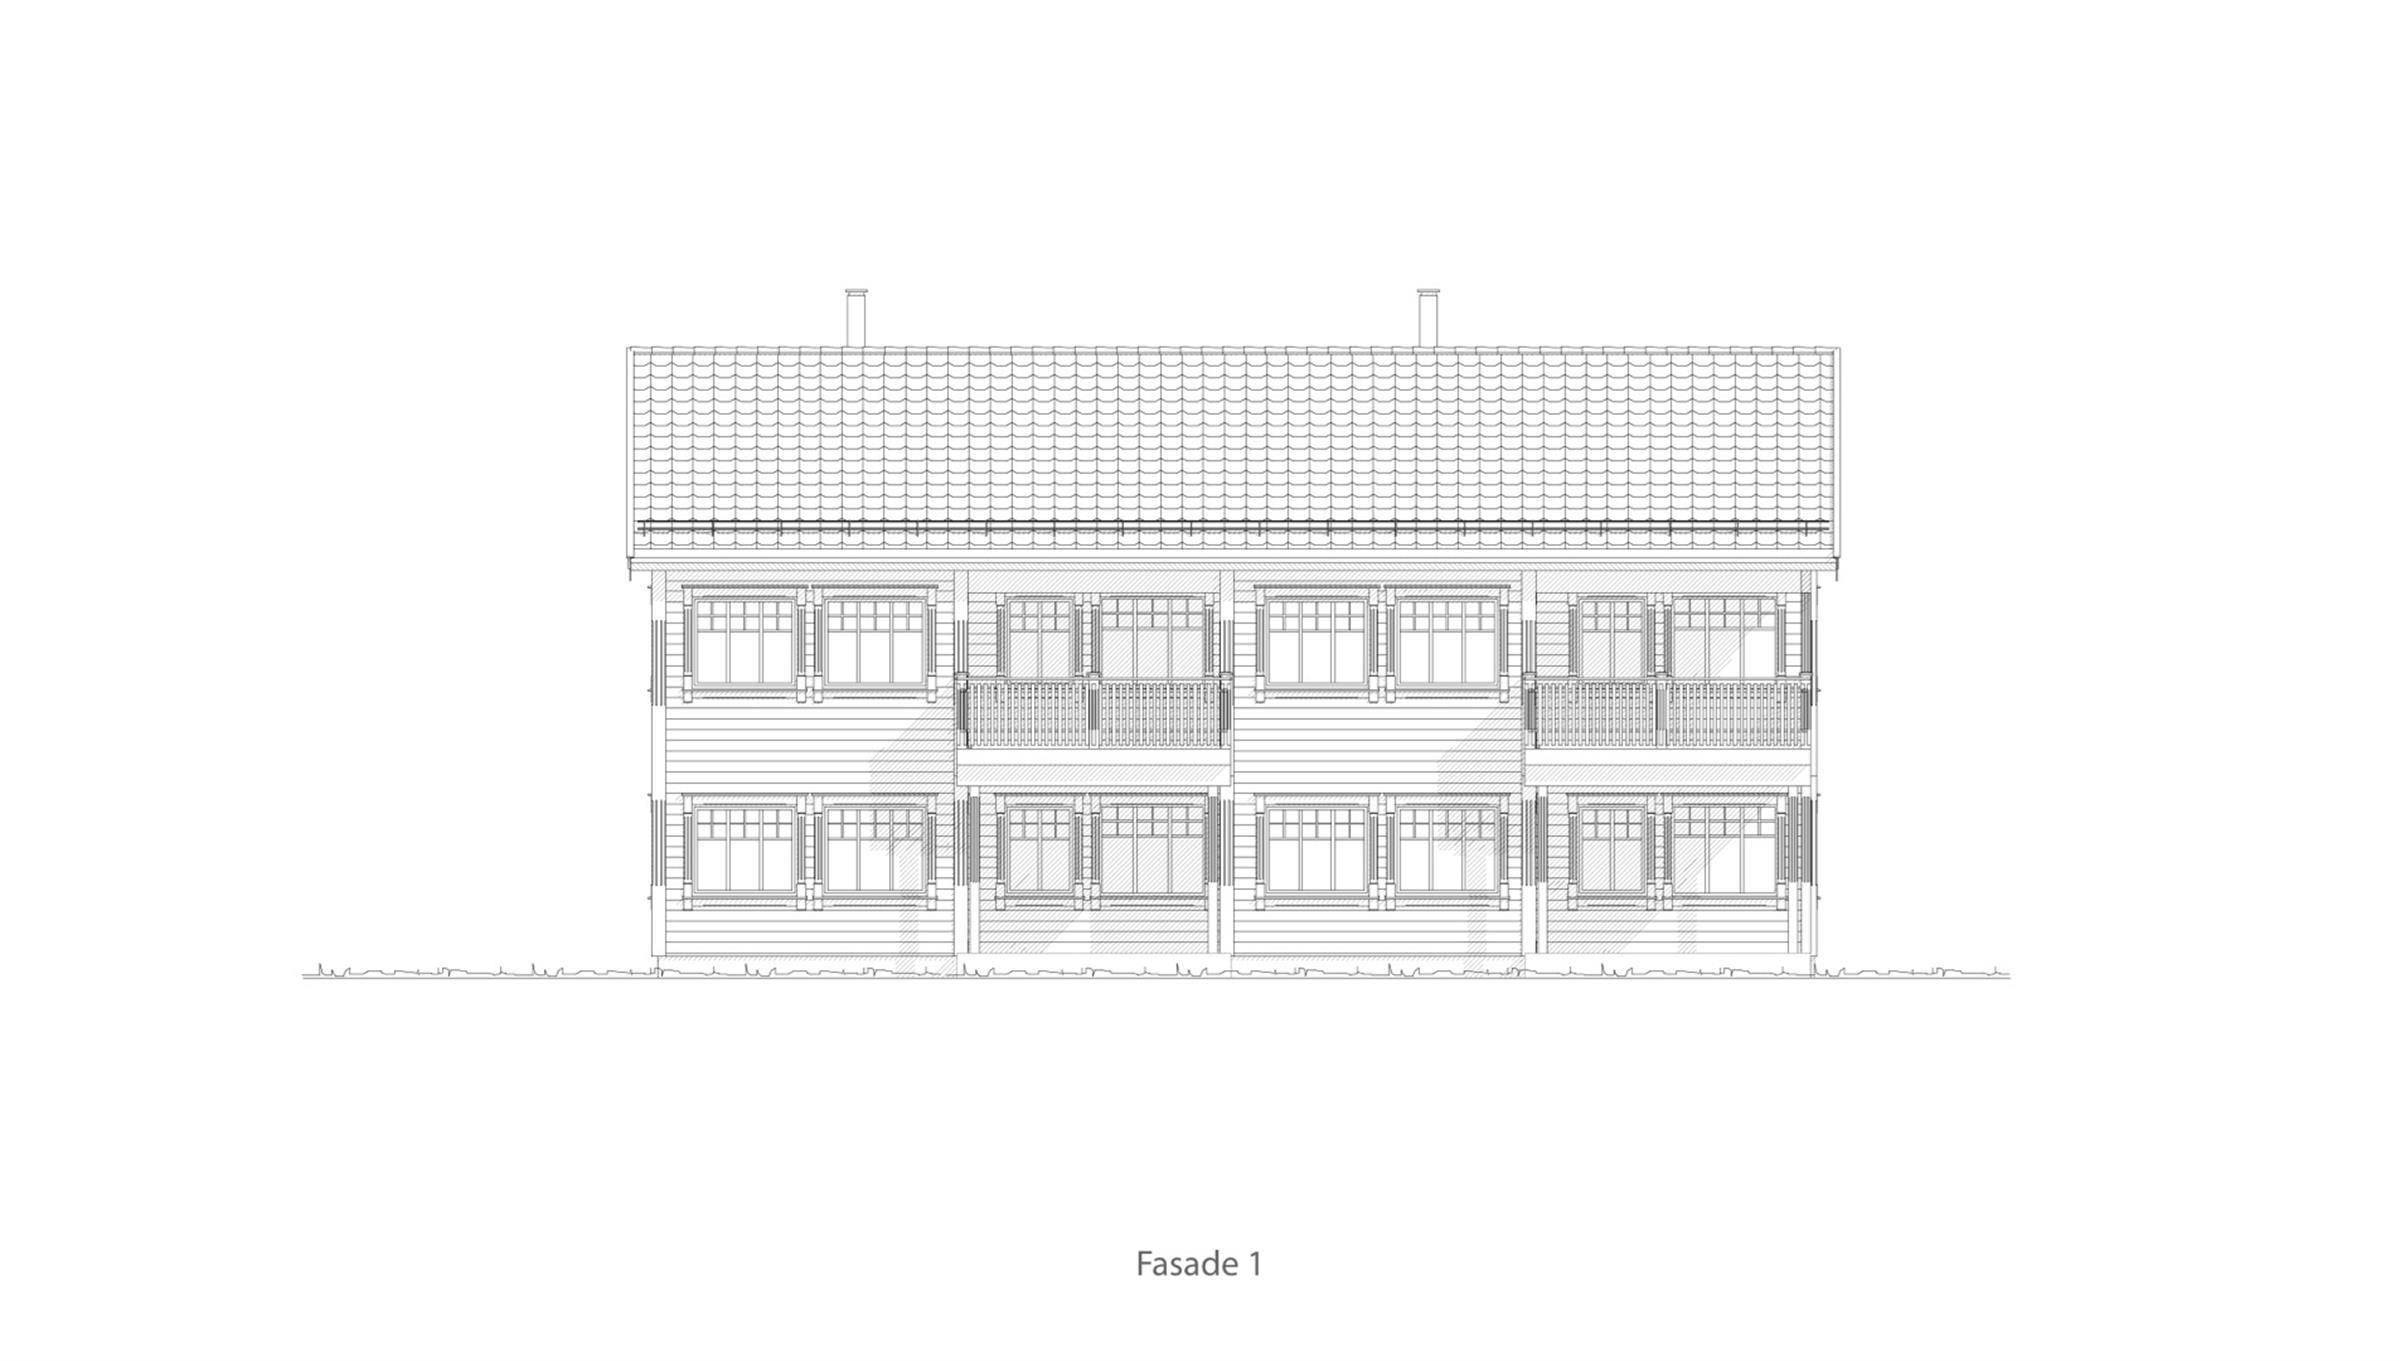 Orkanger fasade 1